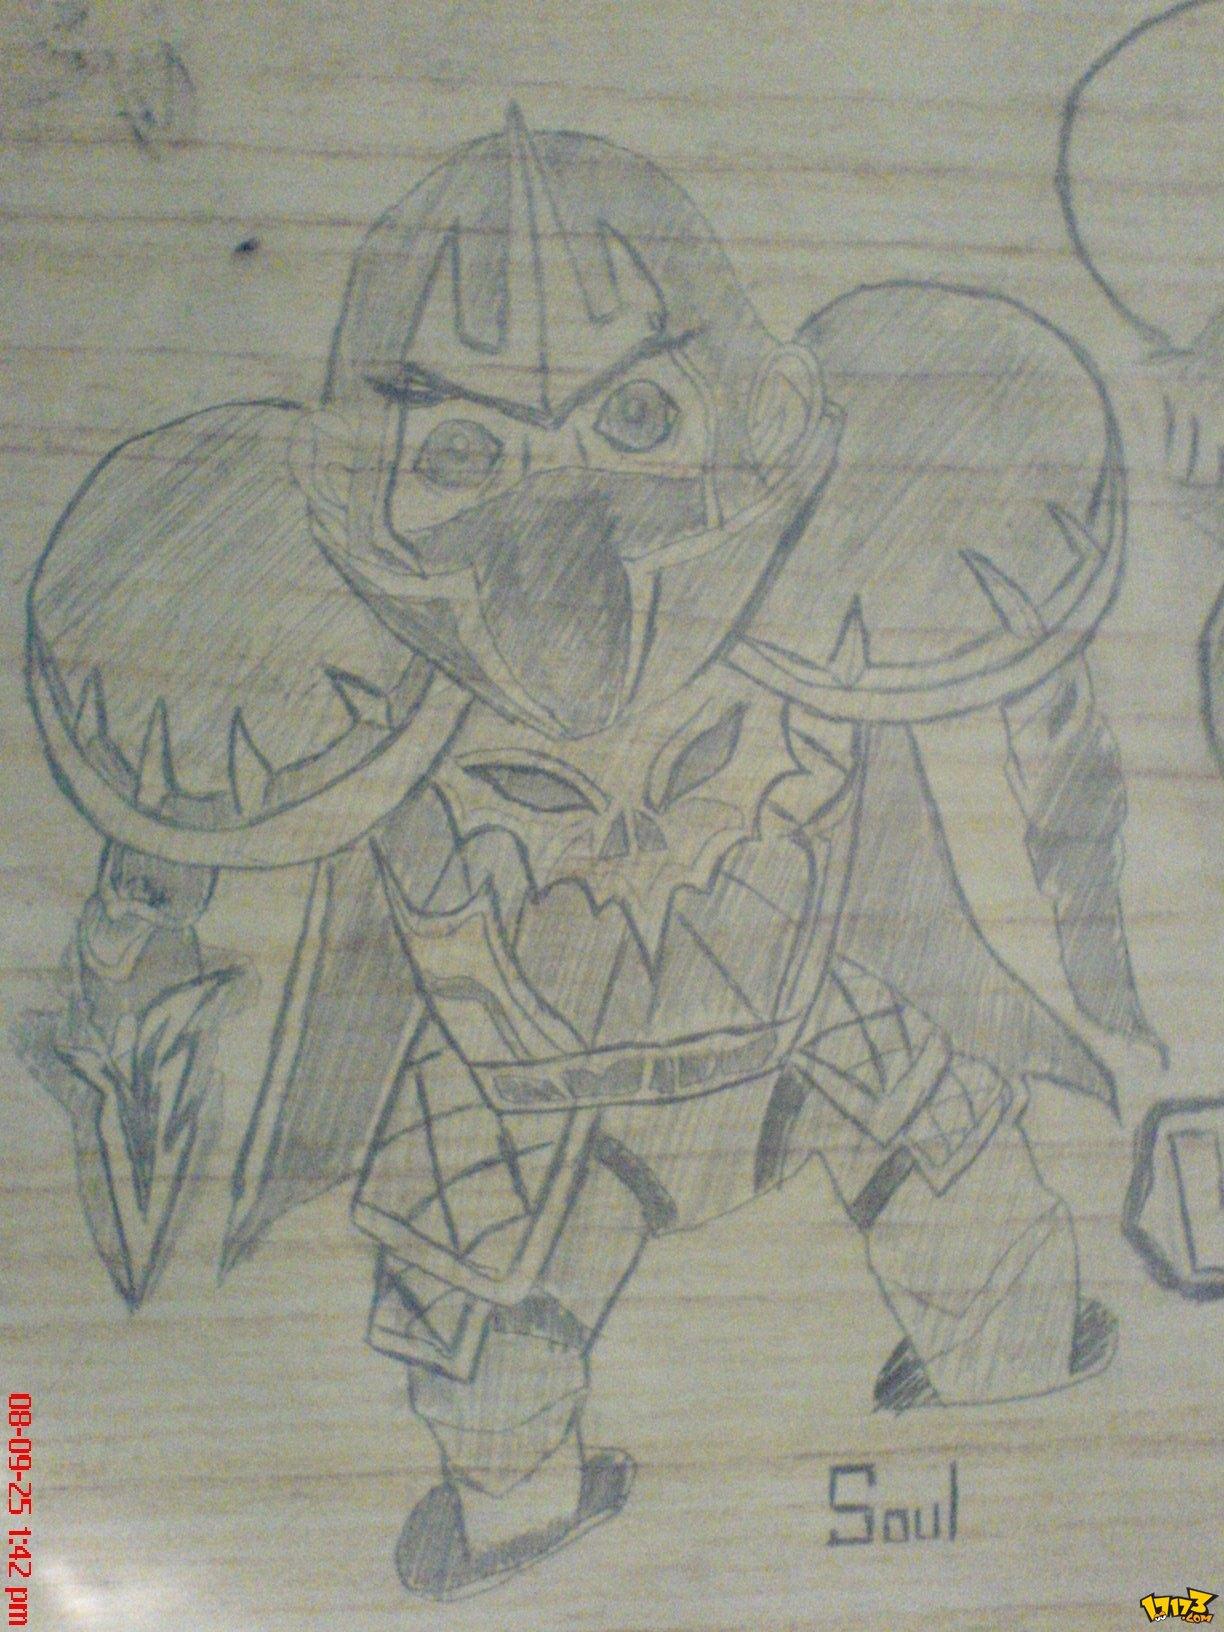 魔兽世界 - 漫画壁纸-魔兽玩家